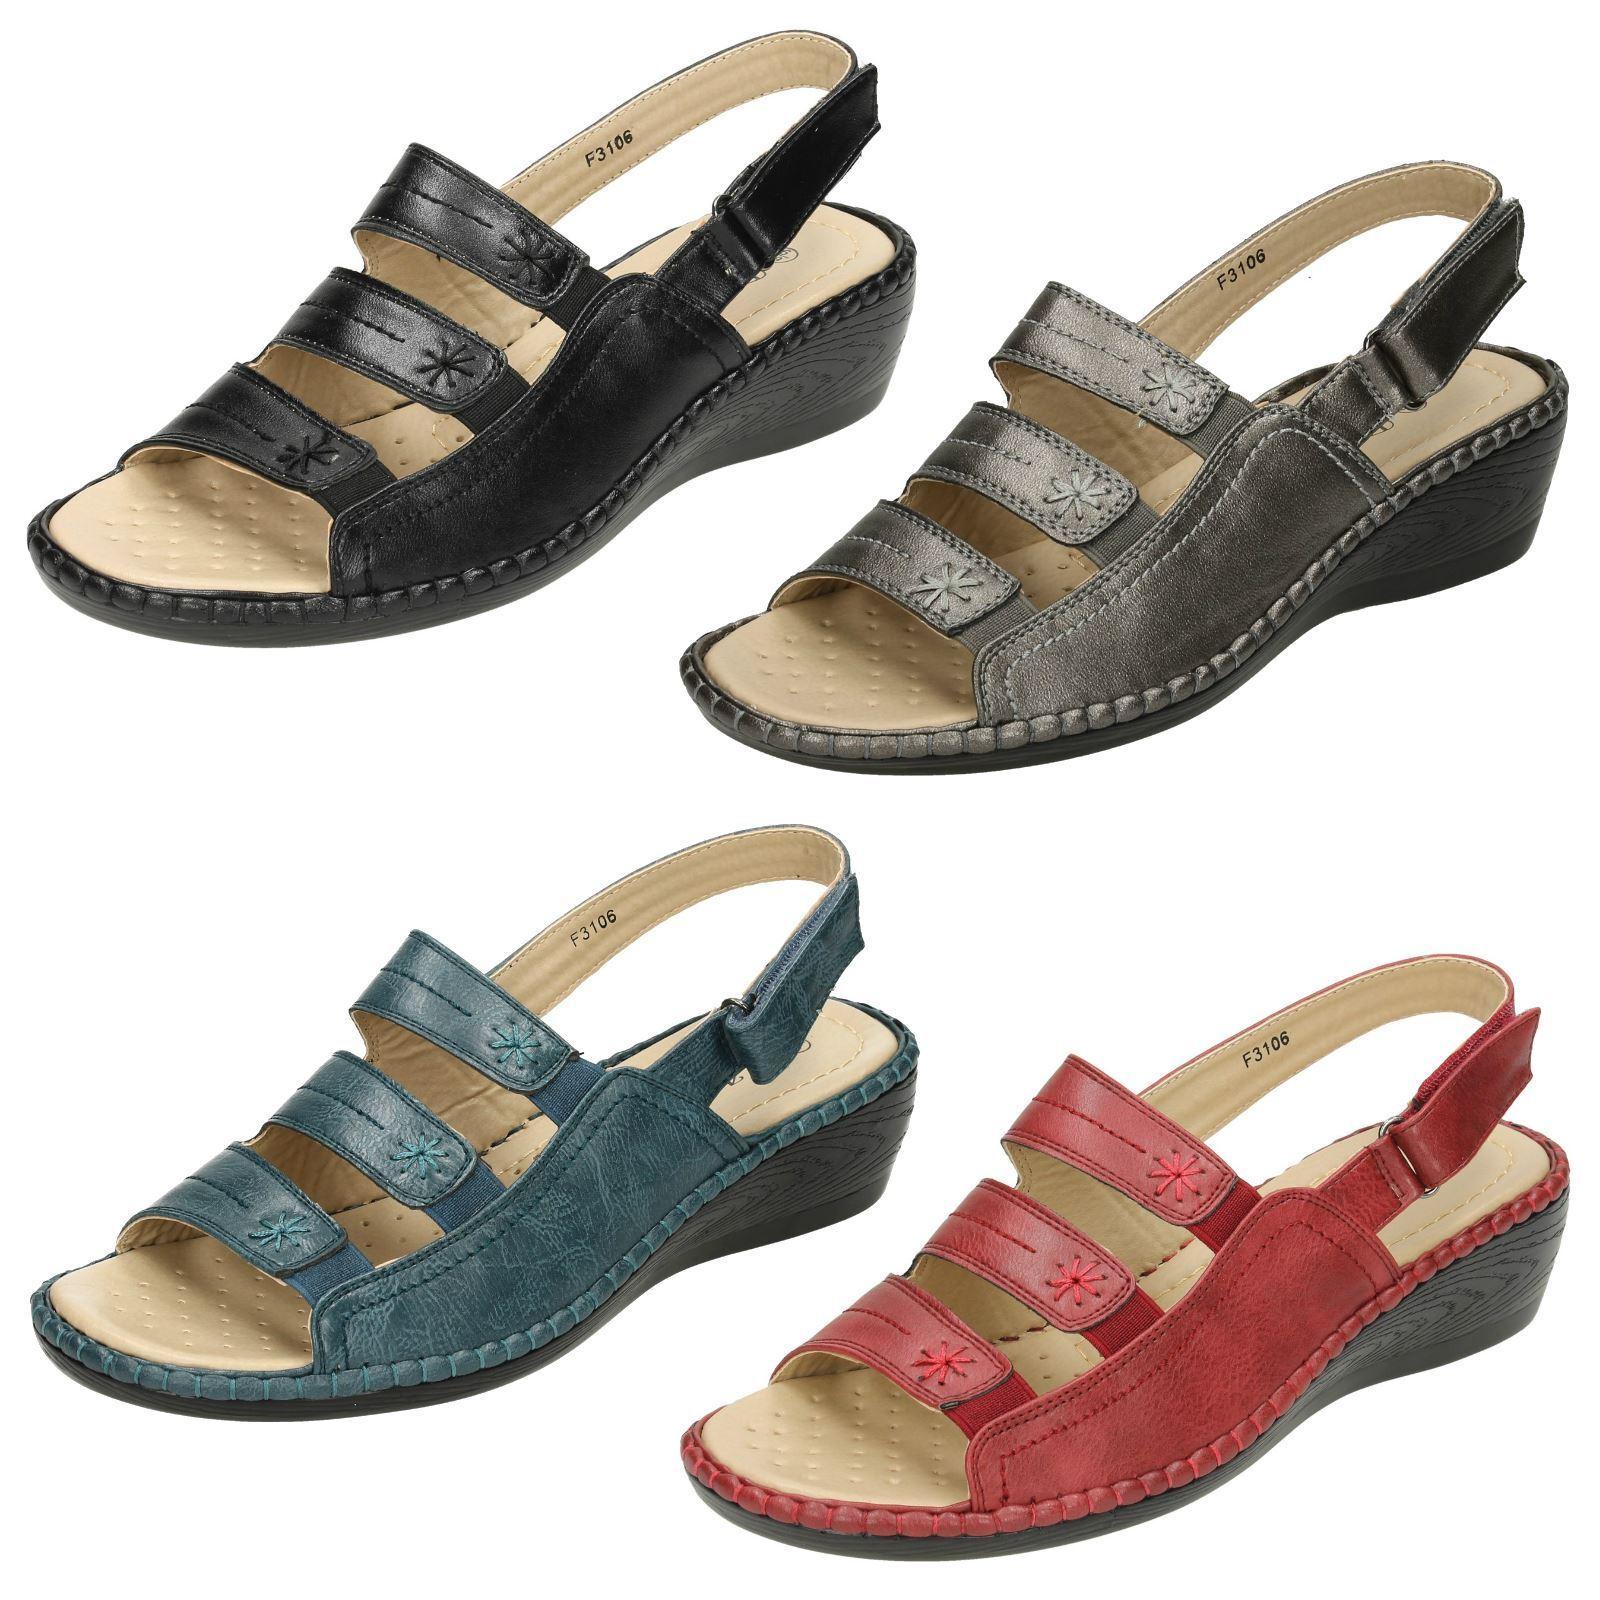 Ladies Toe Eaze Comfort Wedge Open Toe Ladies Sandals 9d0da1